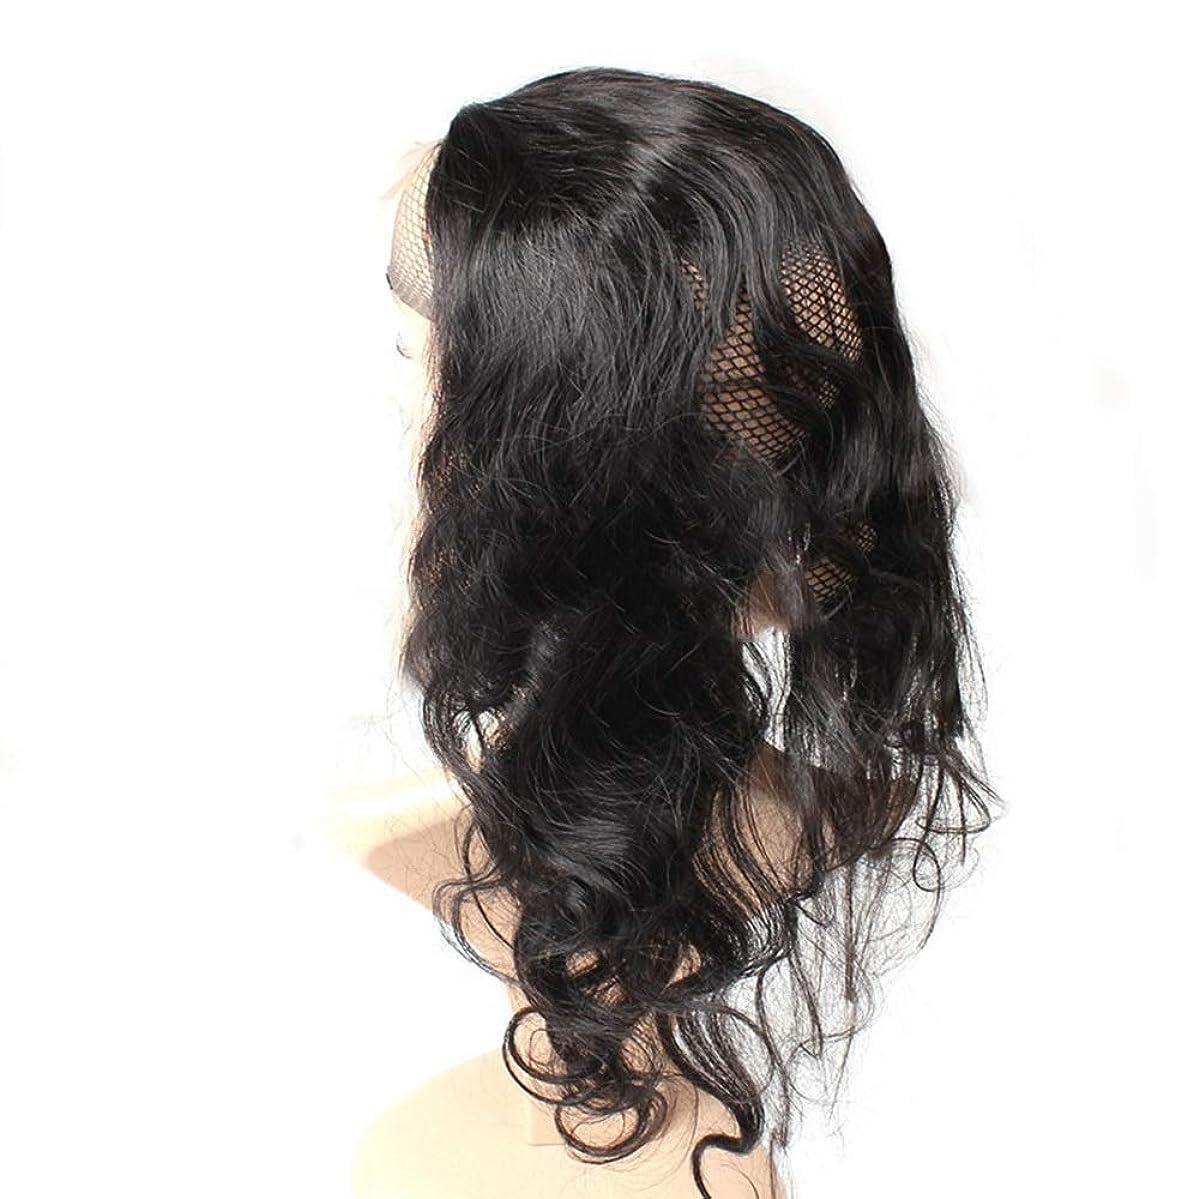 時間抽出無限大YESONEEP 人間の髪の毛のかつら360レース前頭かつらブラジルのバージンヘアエクステンション実体波フルレースのかつら黒人女性用(8インチ-22インチ、225密度)パーティーかつら (色 : 黒, サイズ : 8 inch)